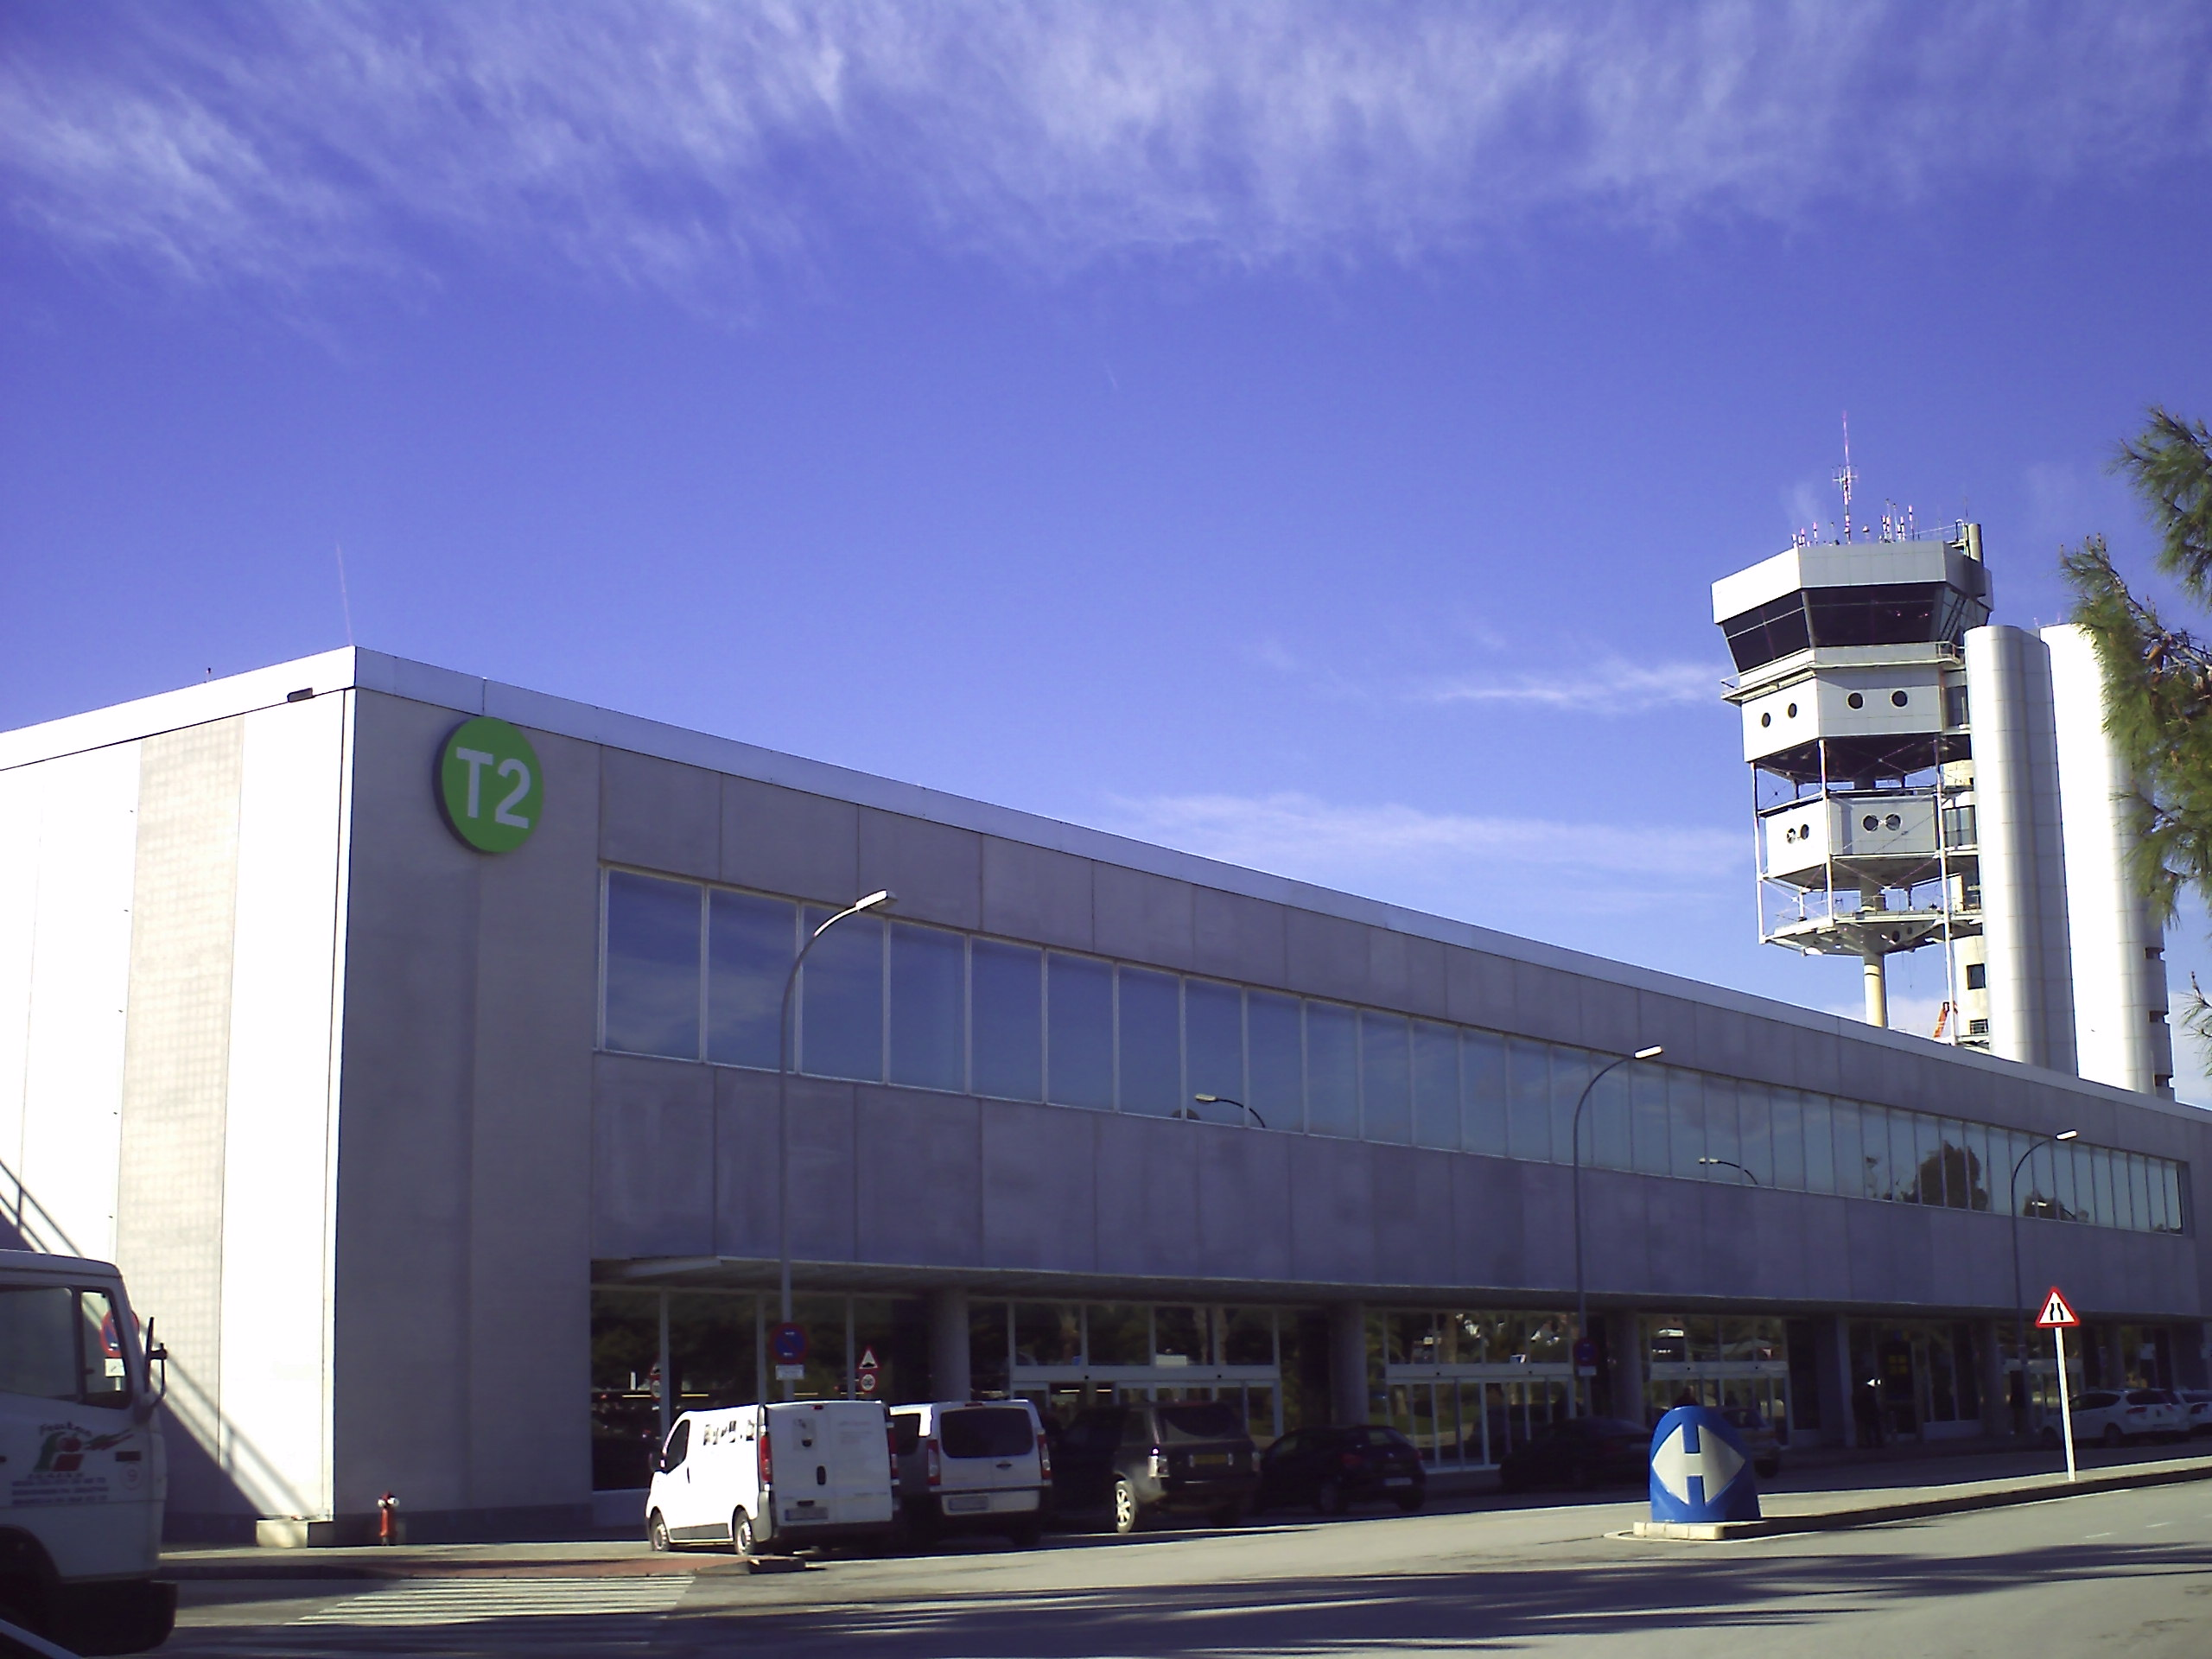 Aeroporto Alicante : File terminal aeropuerto alicante g wikimedia commons